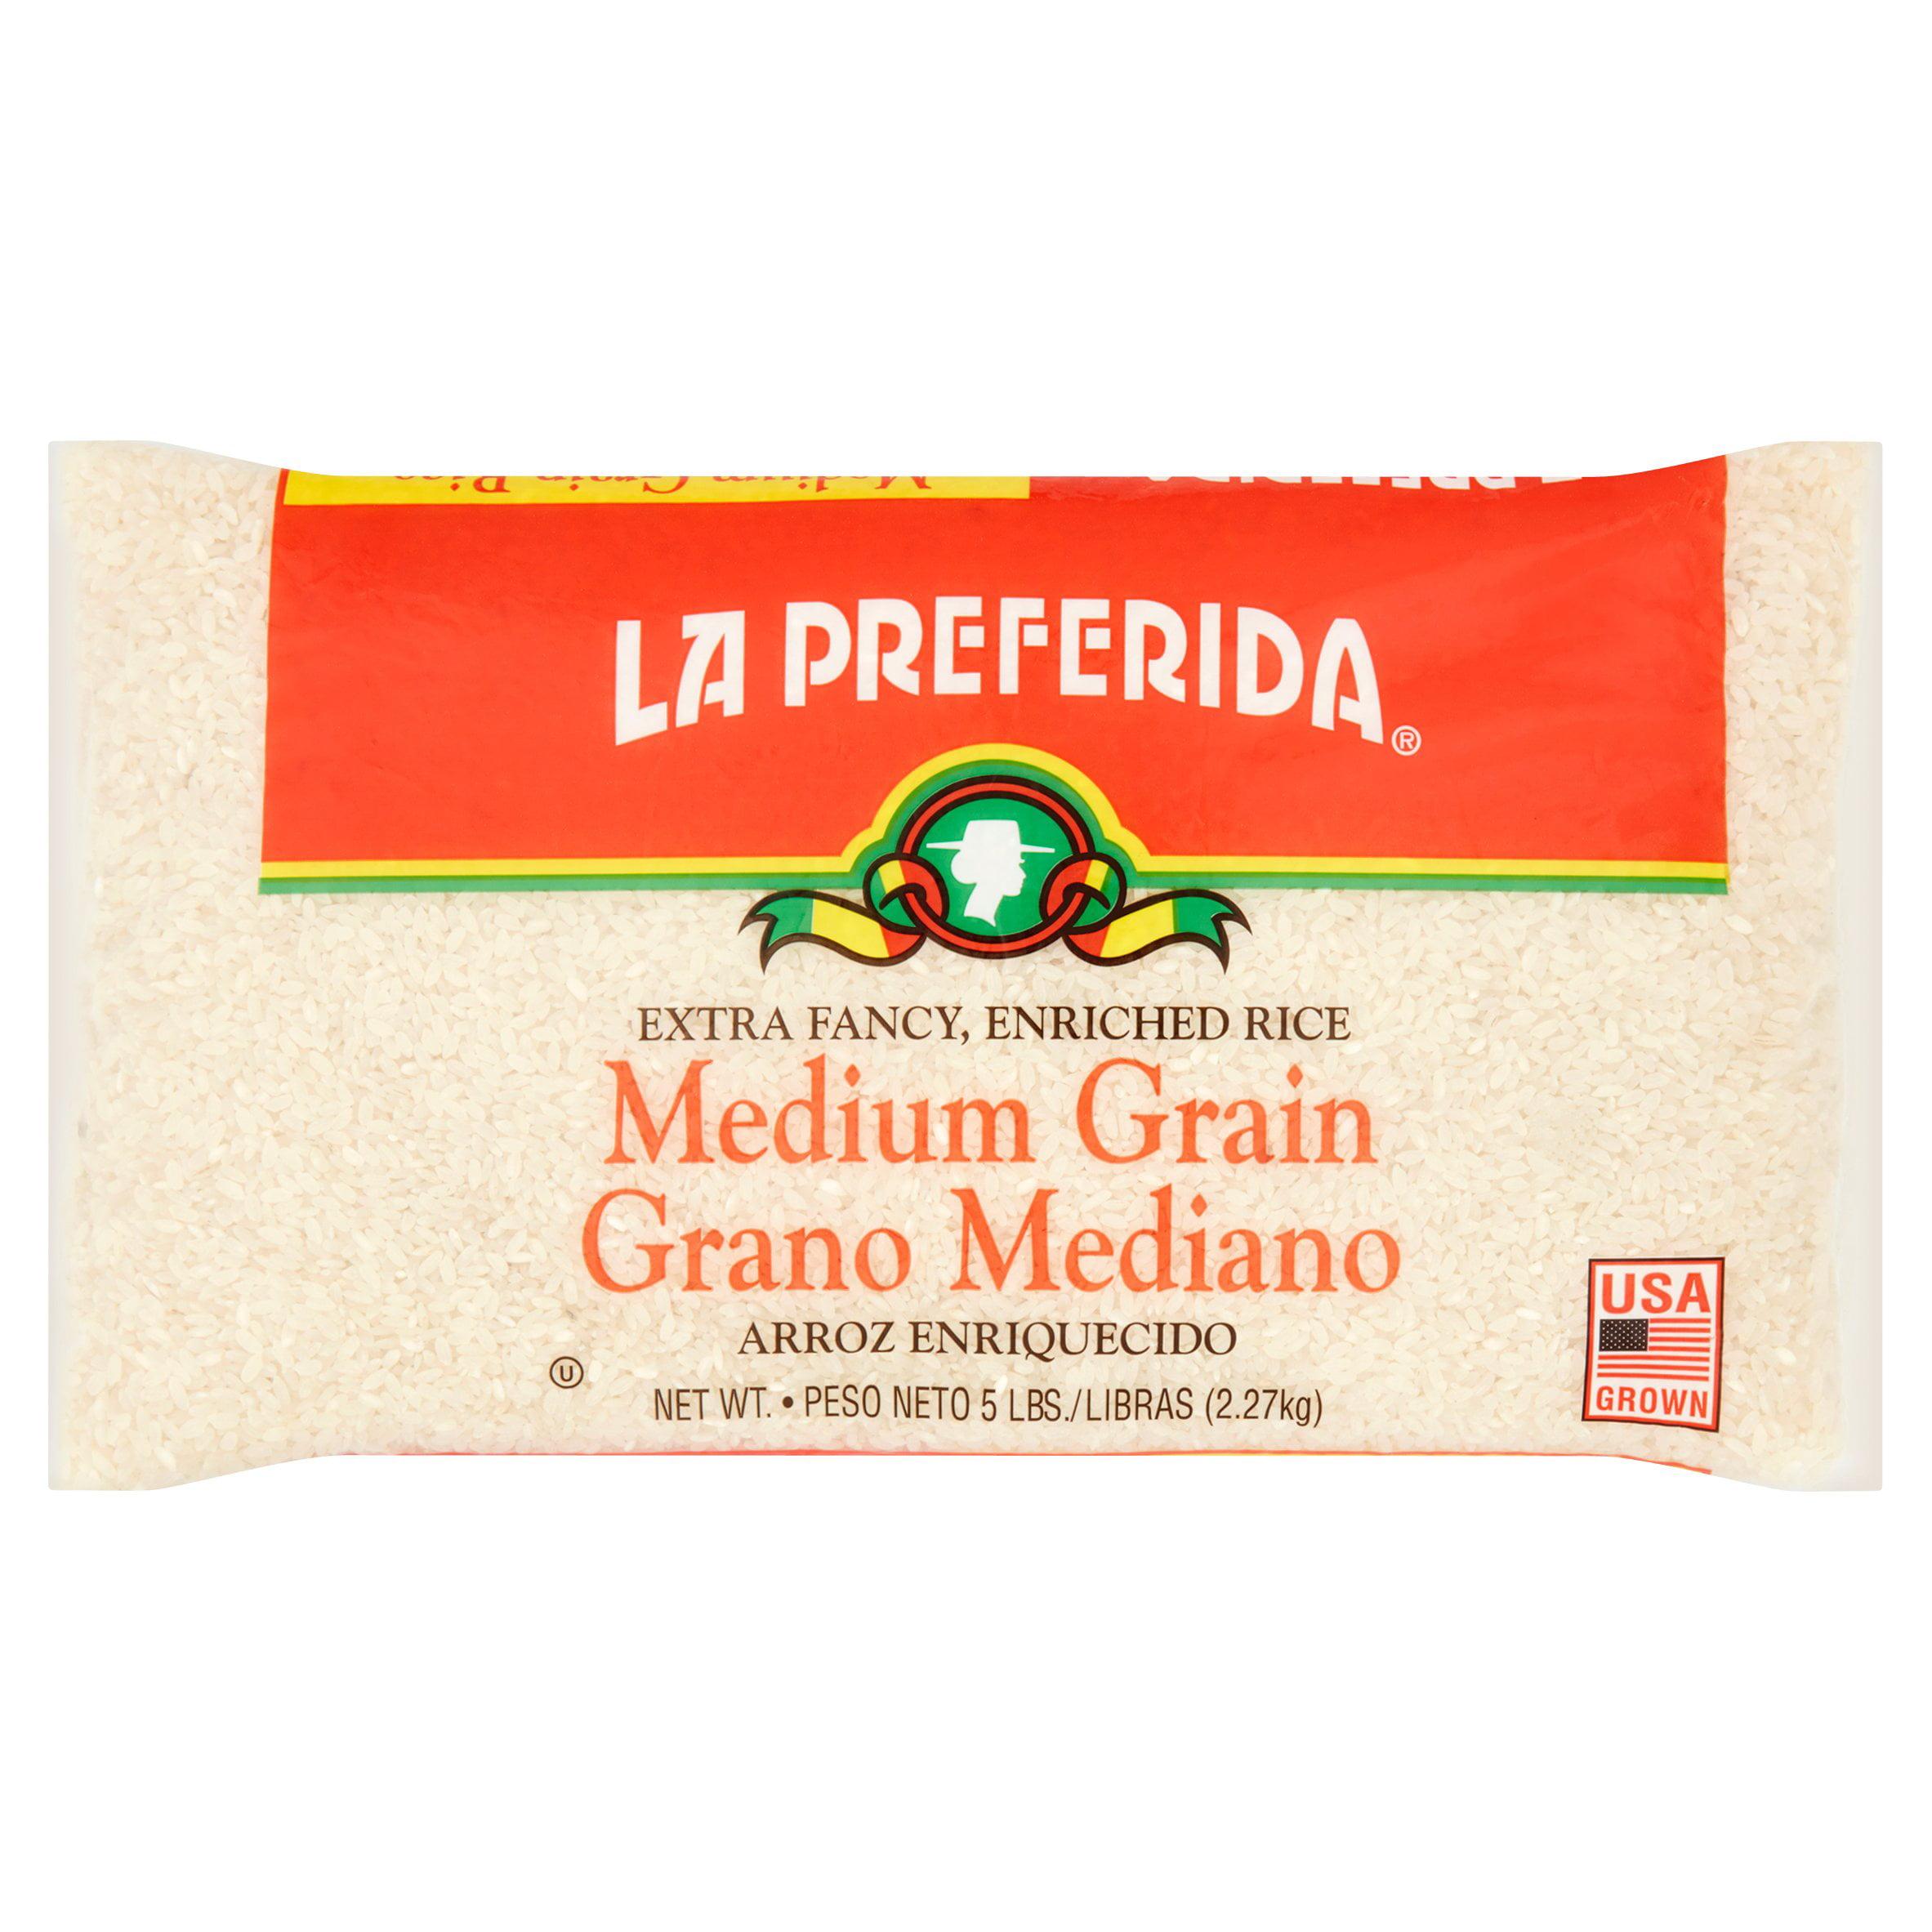 La Preferida Medium Grain Rice, 5 lbs